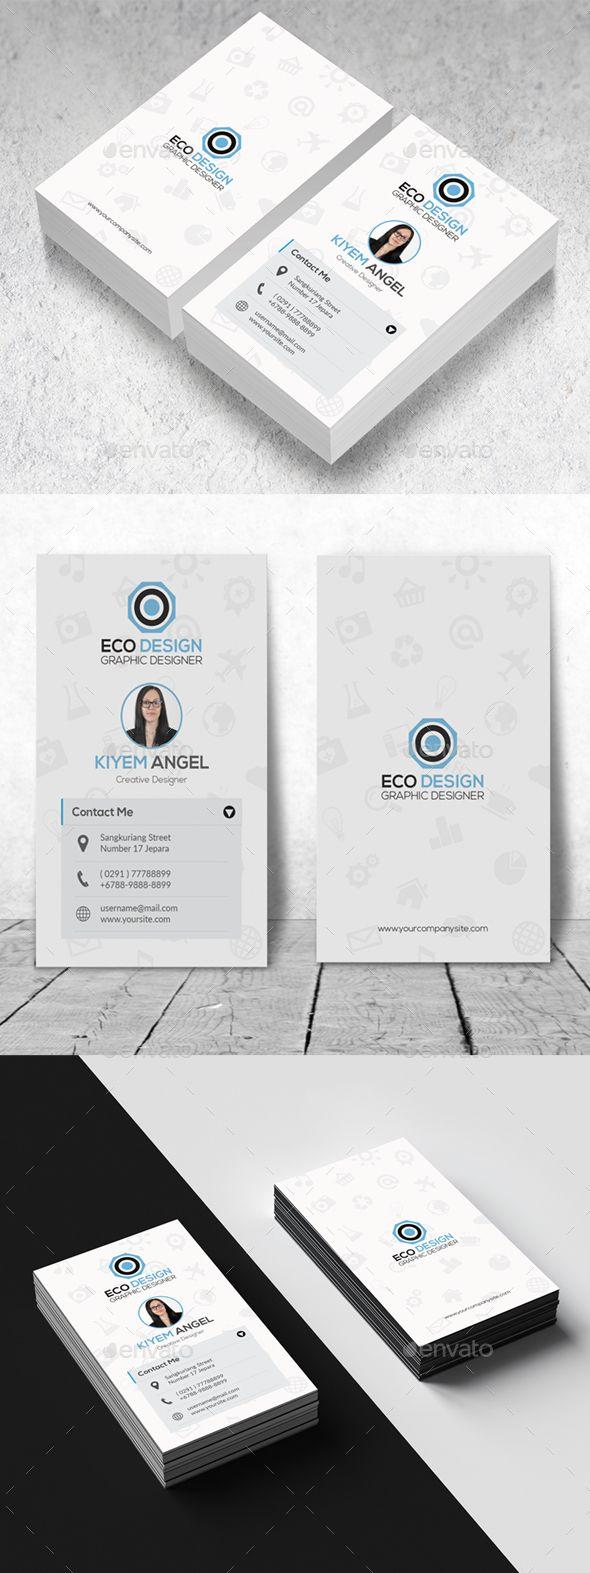 The 25+ best Vertical business cards ideas on Pinterest | Modern ...